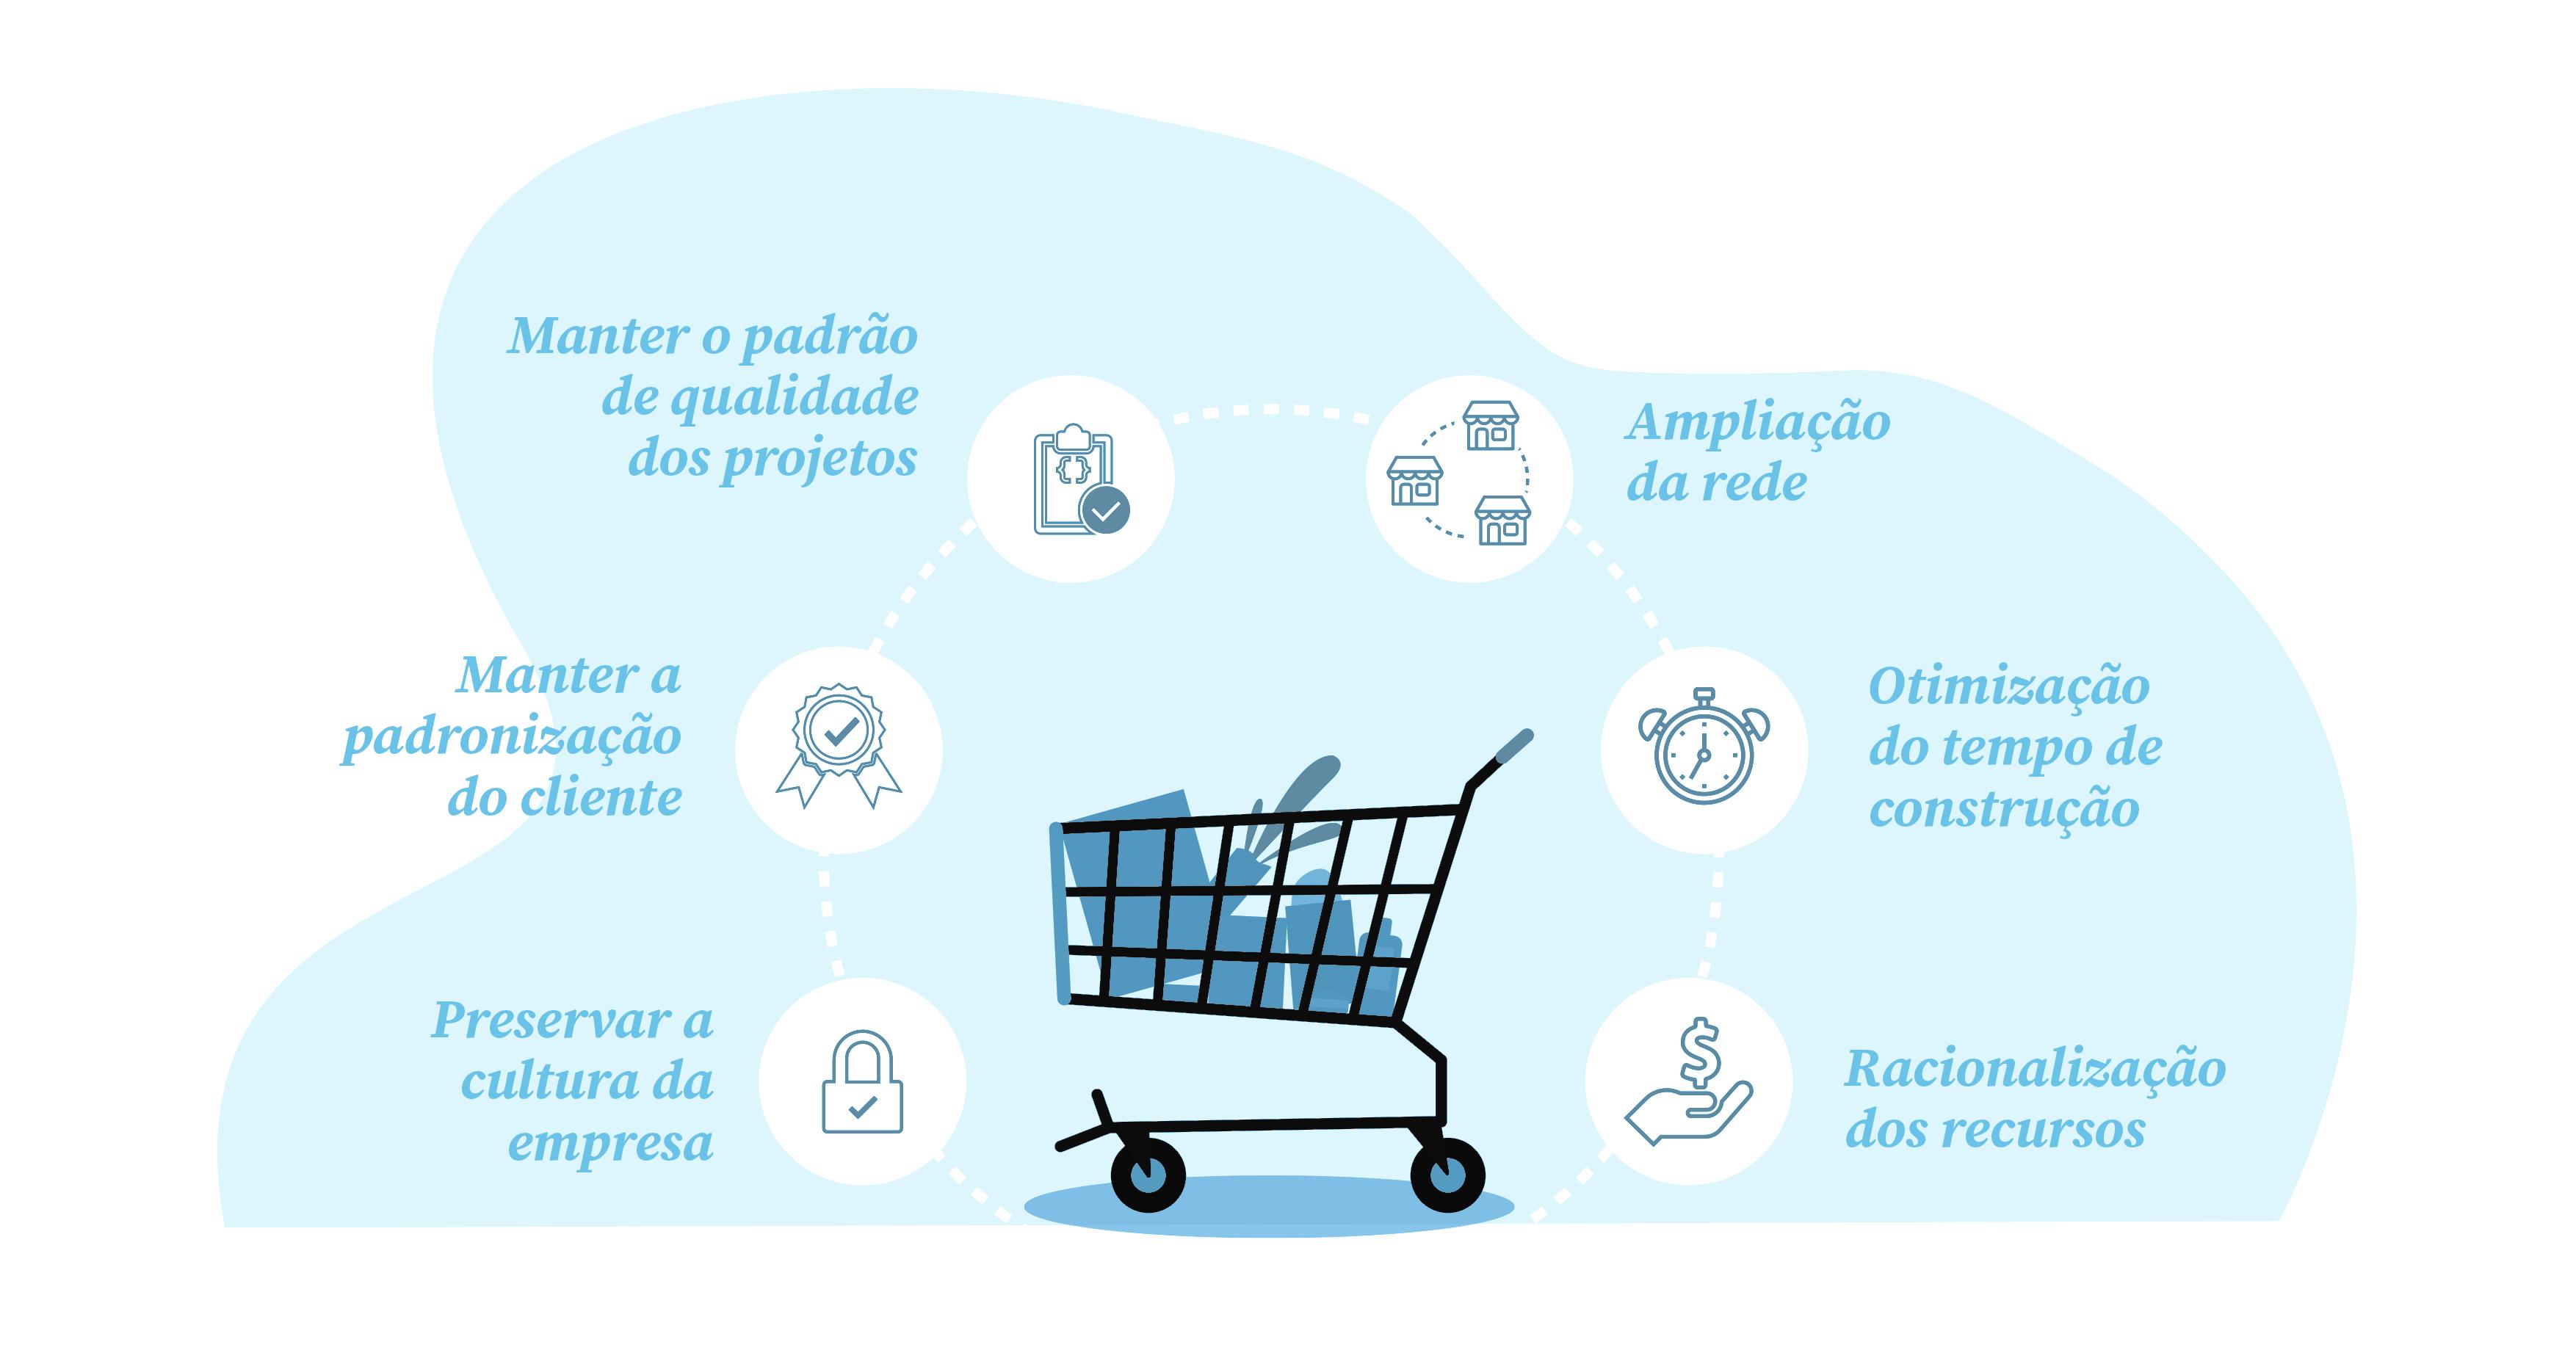 arquitetura para supermercado e rollout